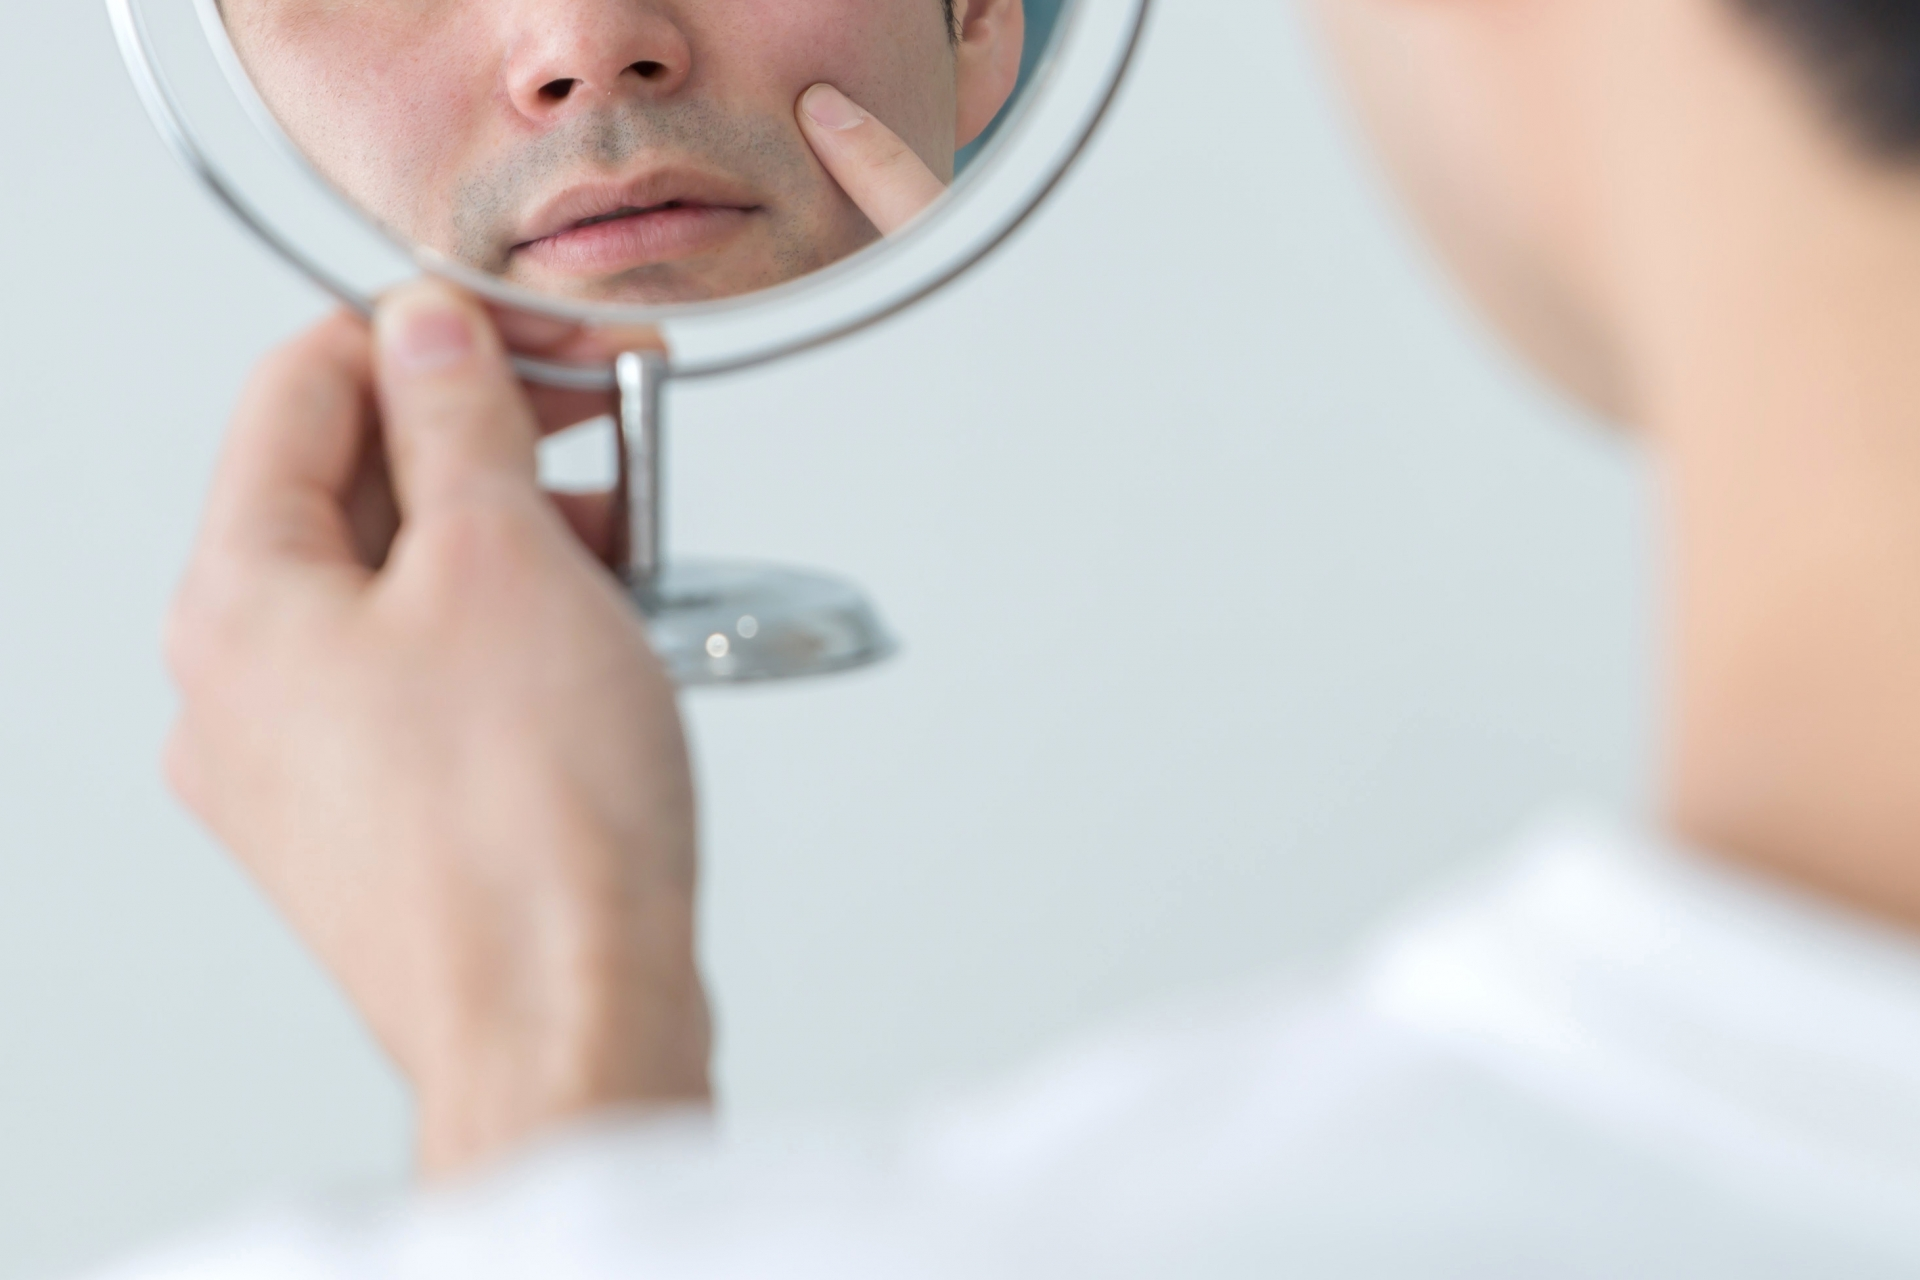 男性は基本的に化粧水はいらない?その理由と化粧水の役割とは